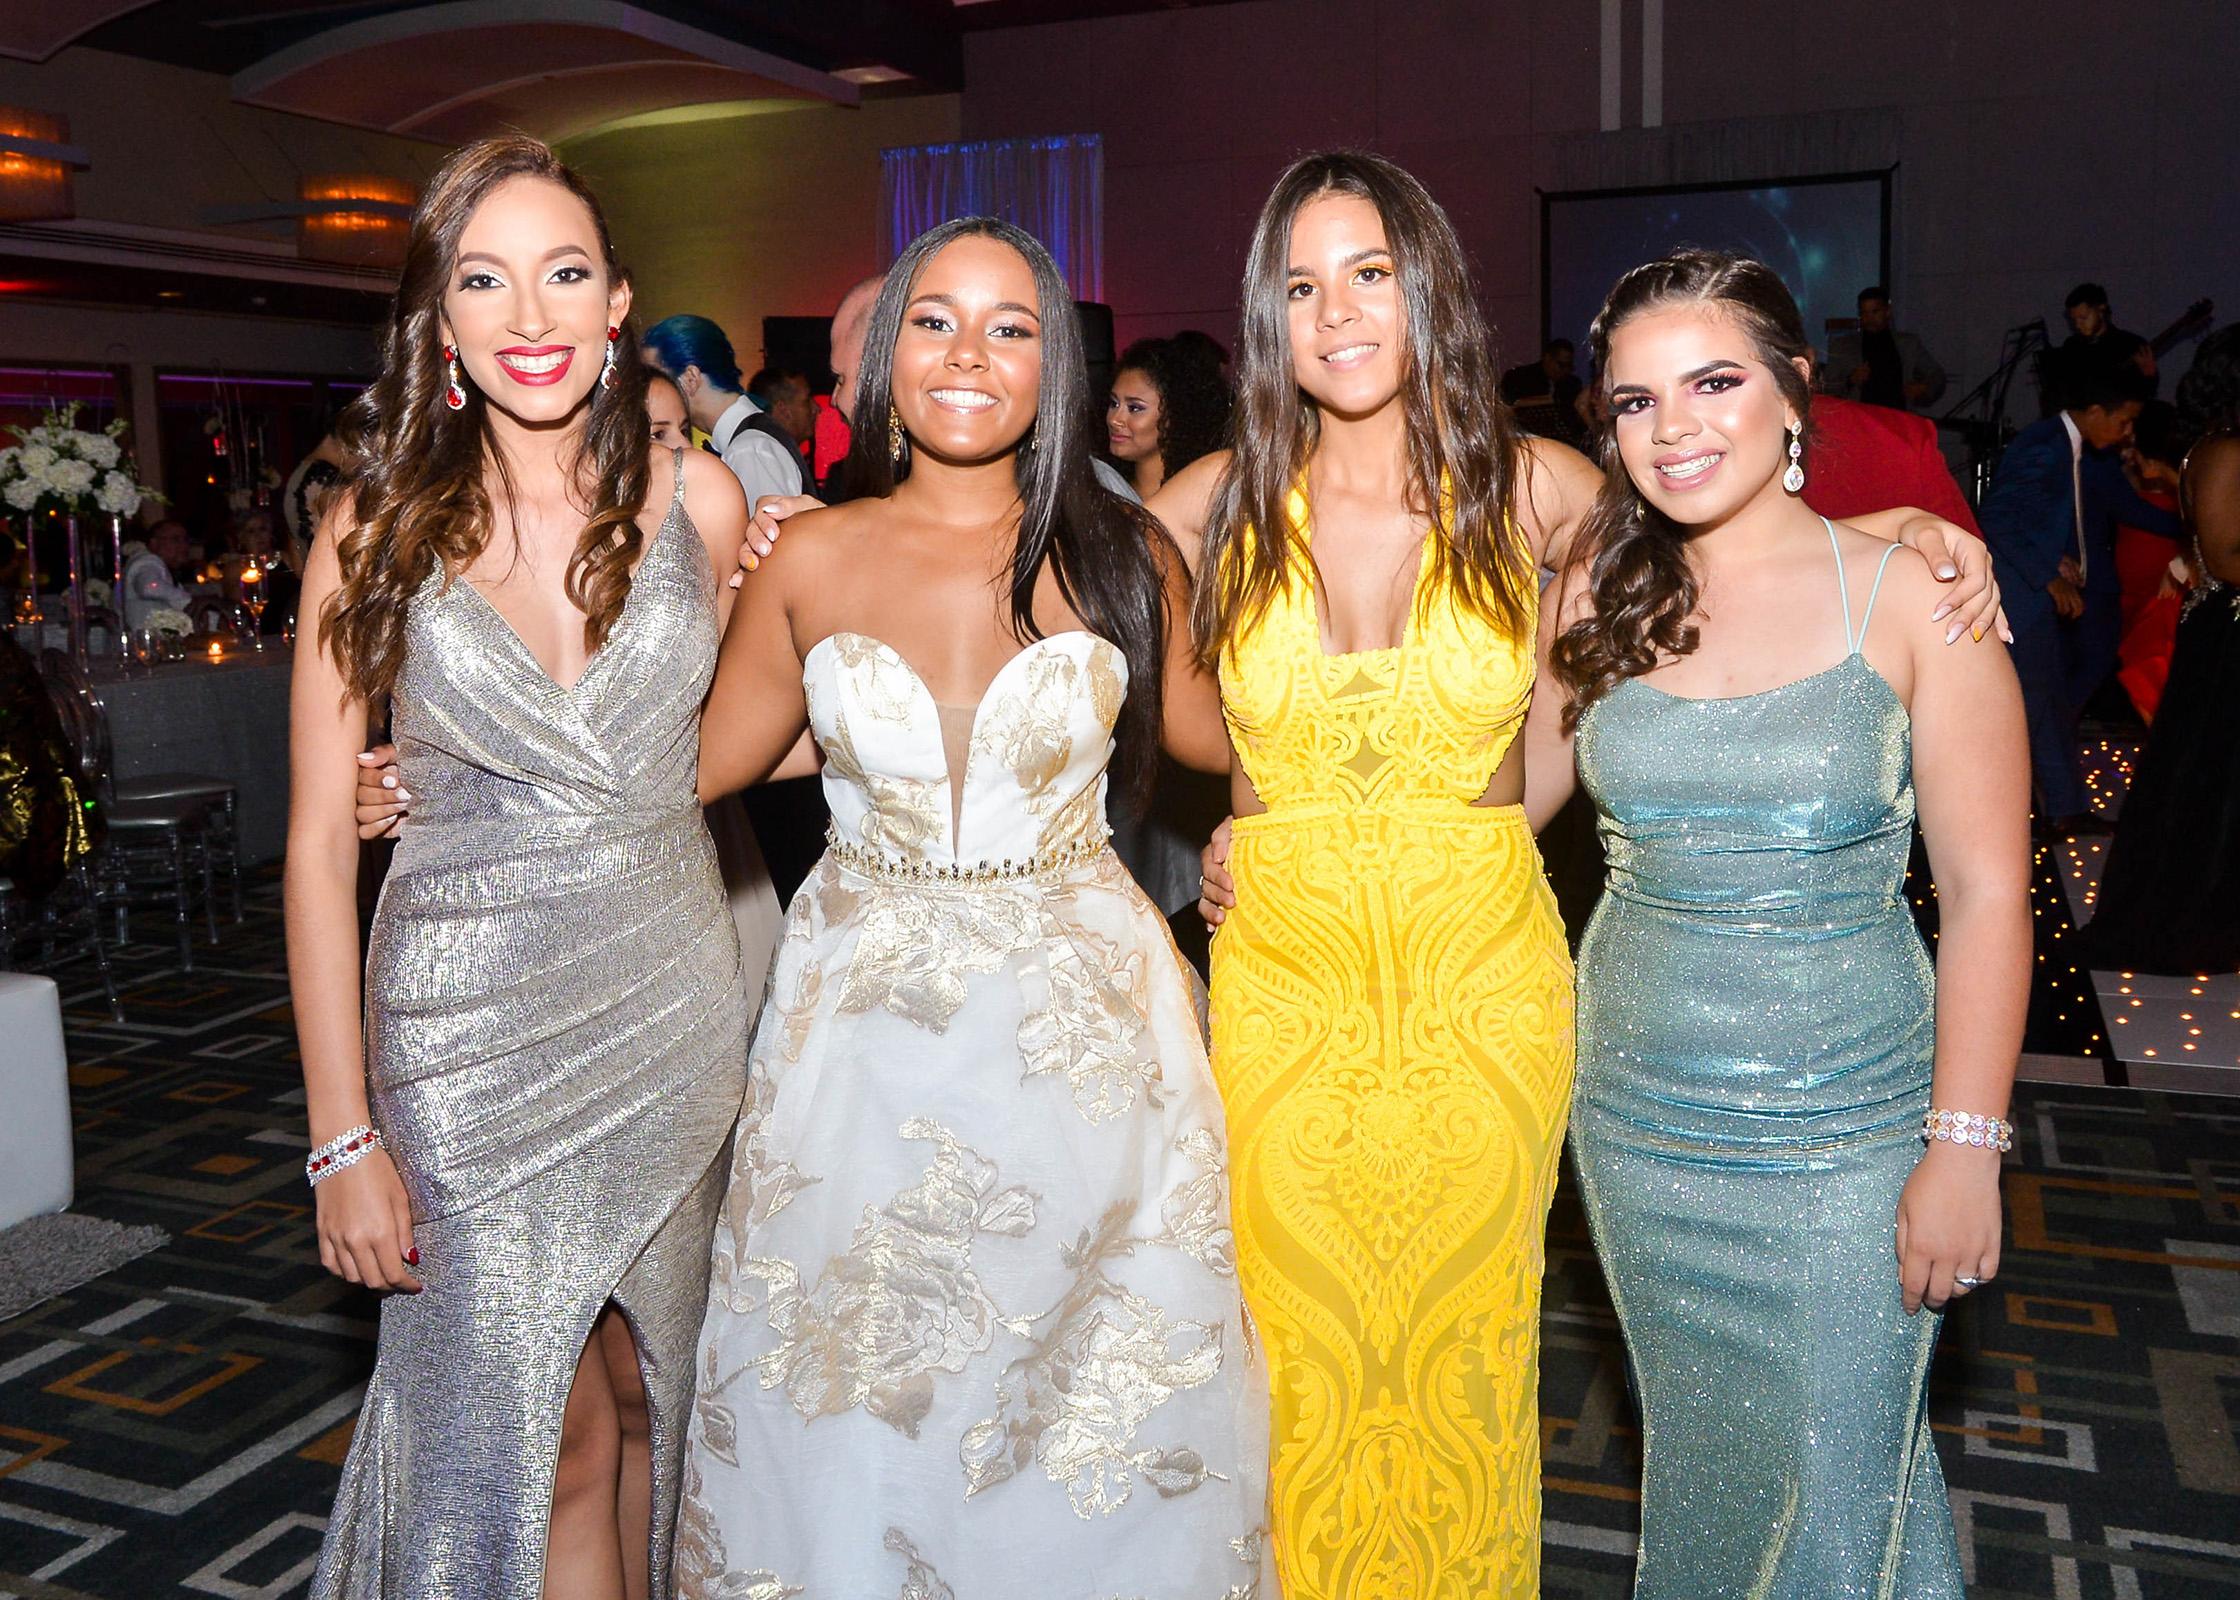 Alondra Mendoza, Valerie Olivo, Lyann Meléndez y Alondra Ortiz. (Enid M. Salgado Mercado)